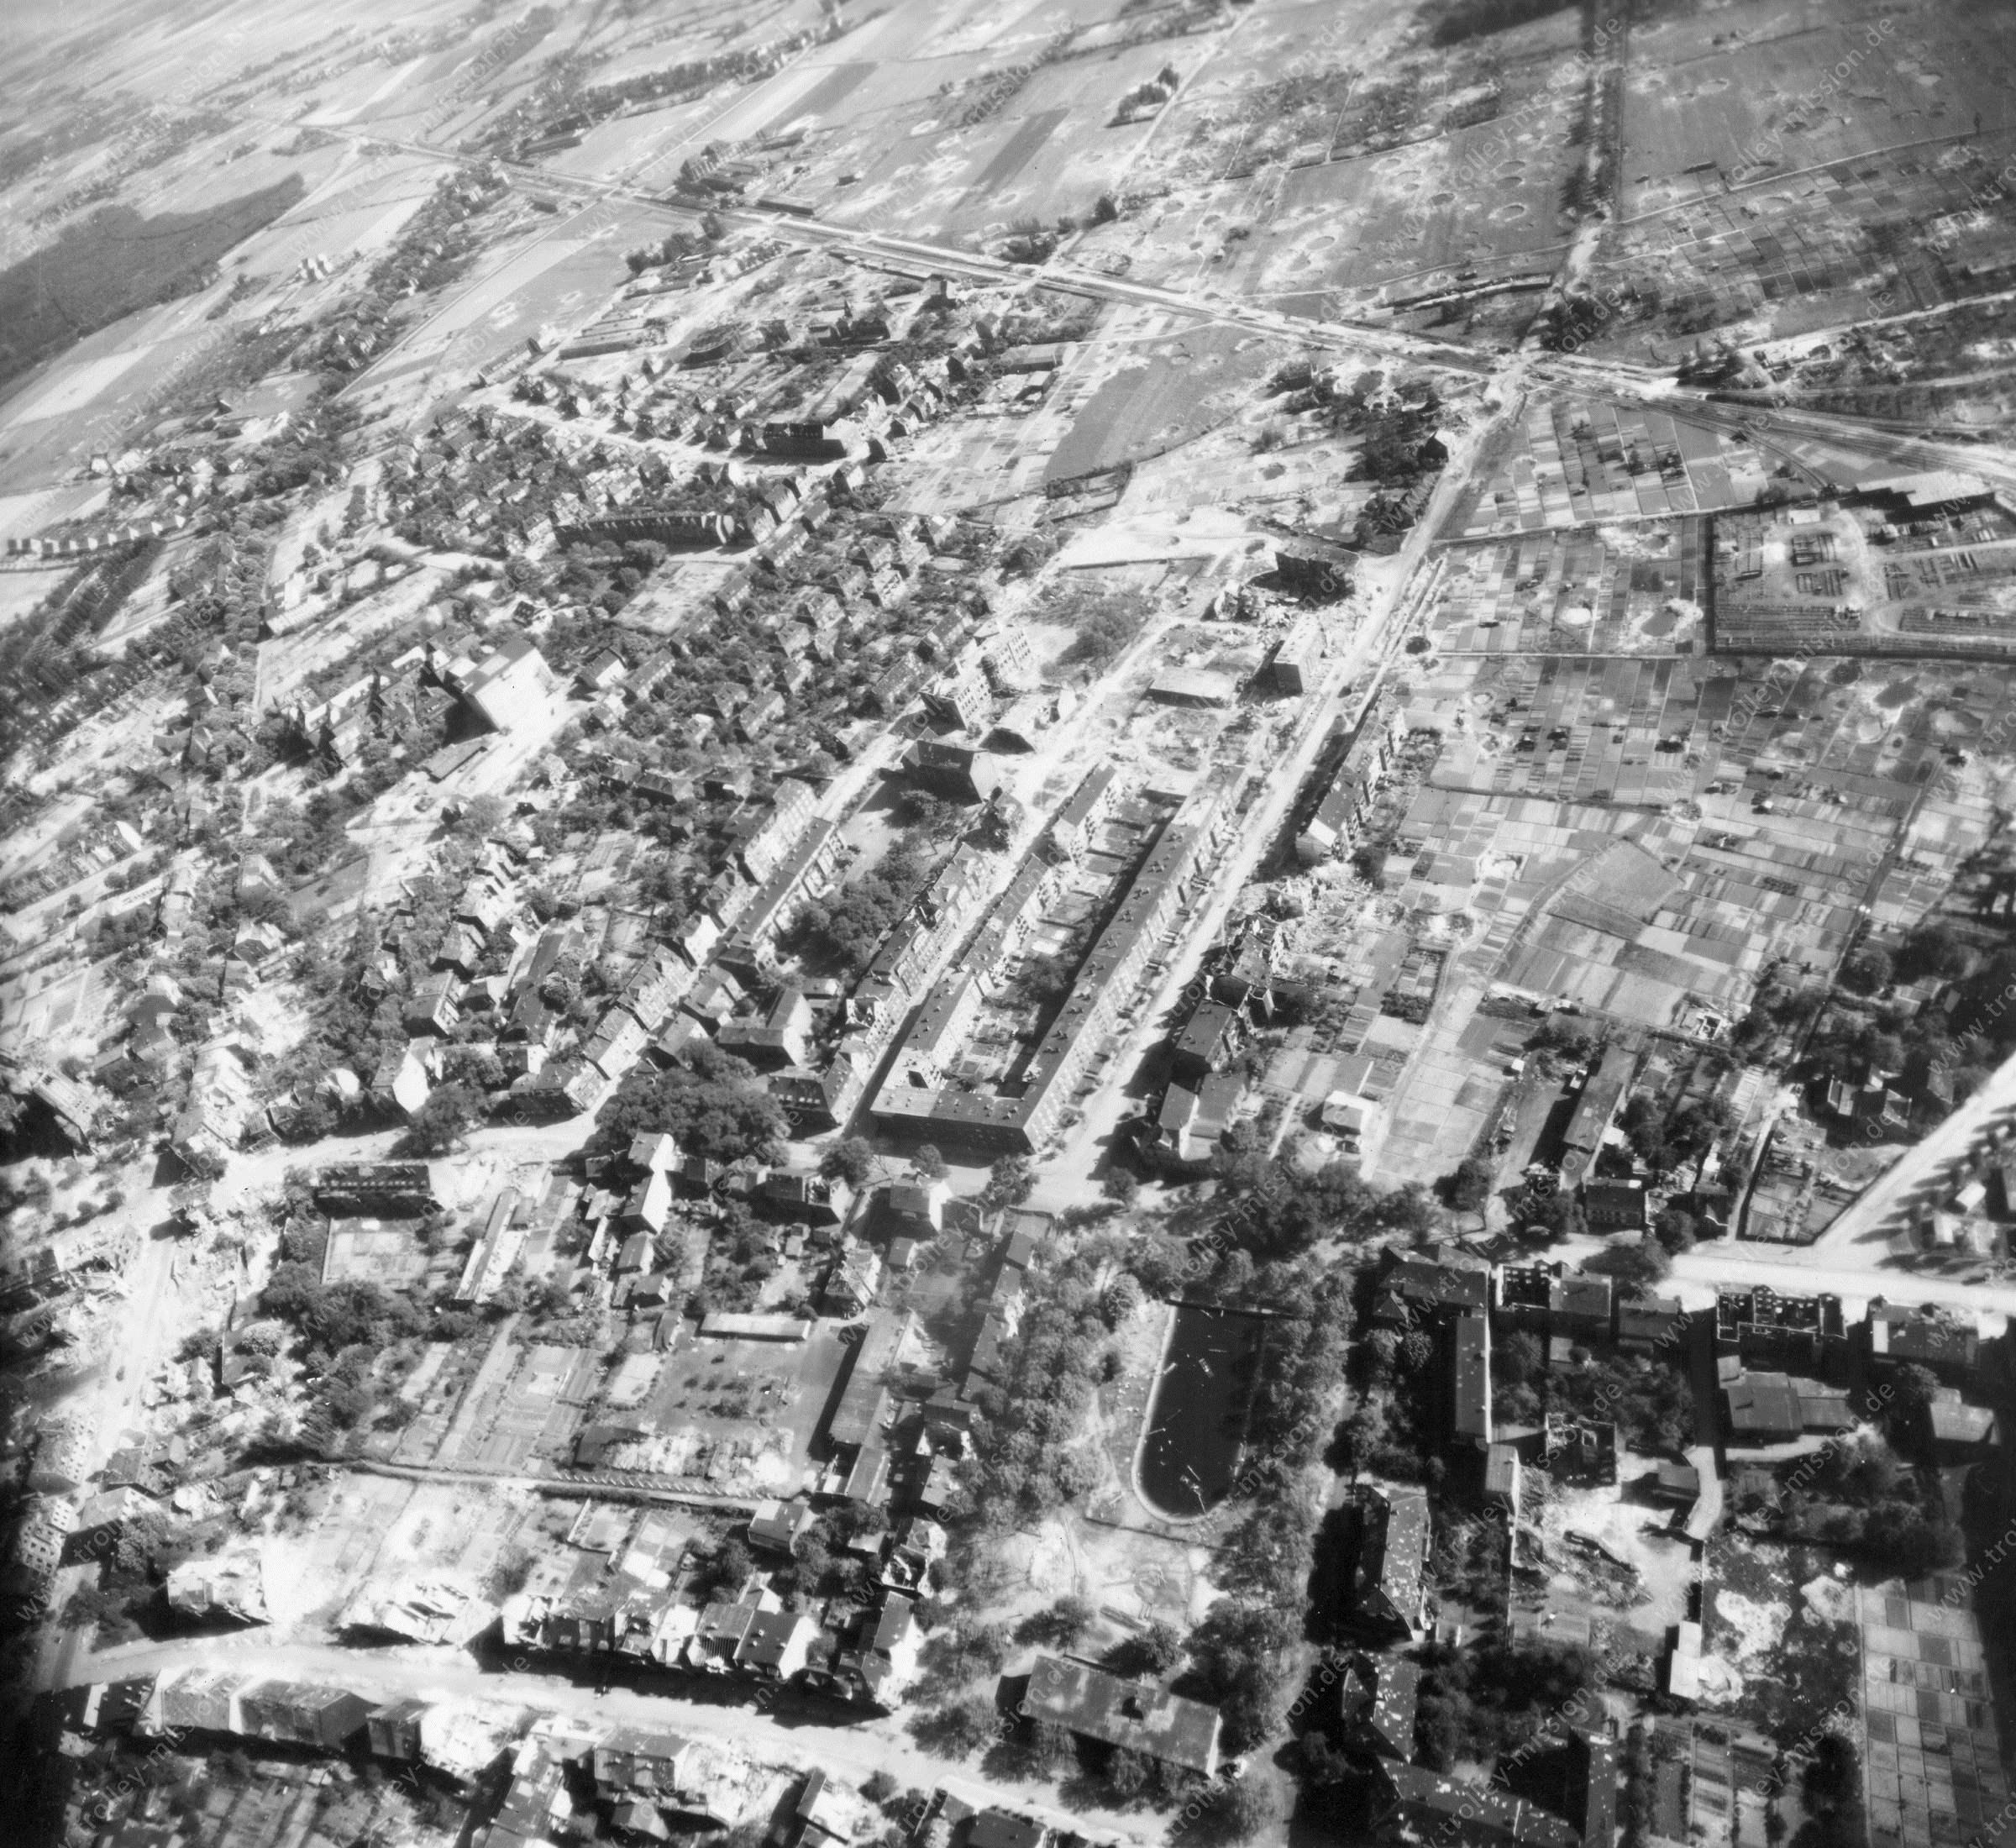 Luftbild von Hamm am 12. Mai 1945 - Luftbildserie 5/5 der US Air Force